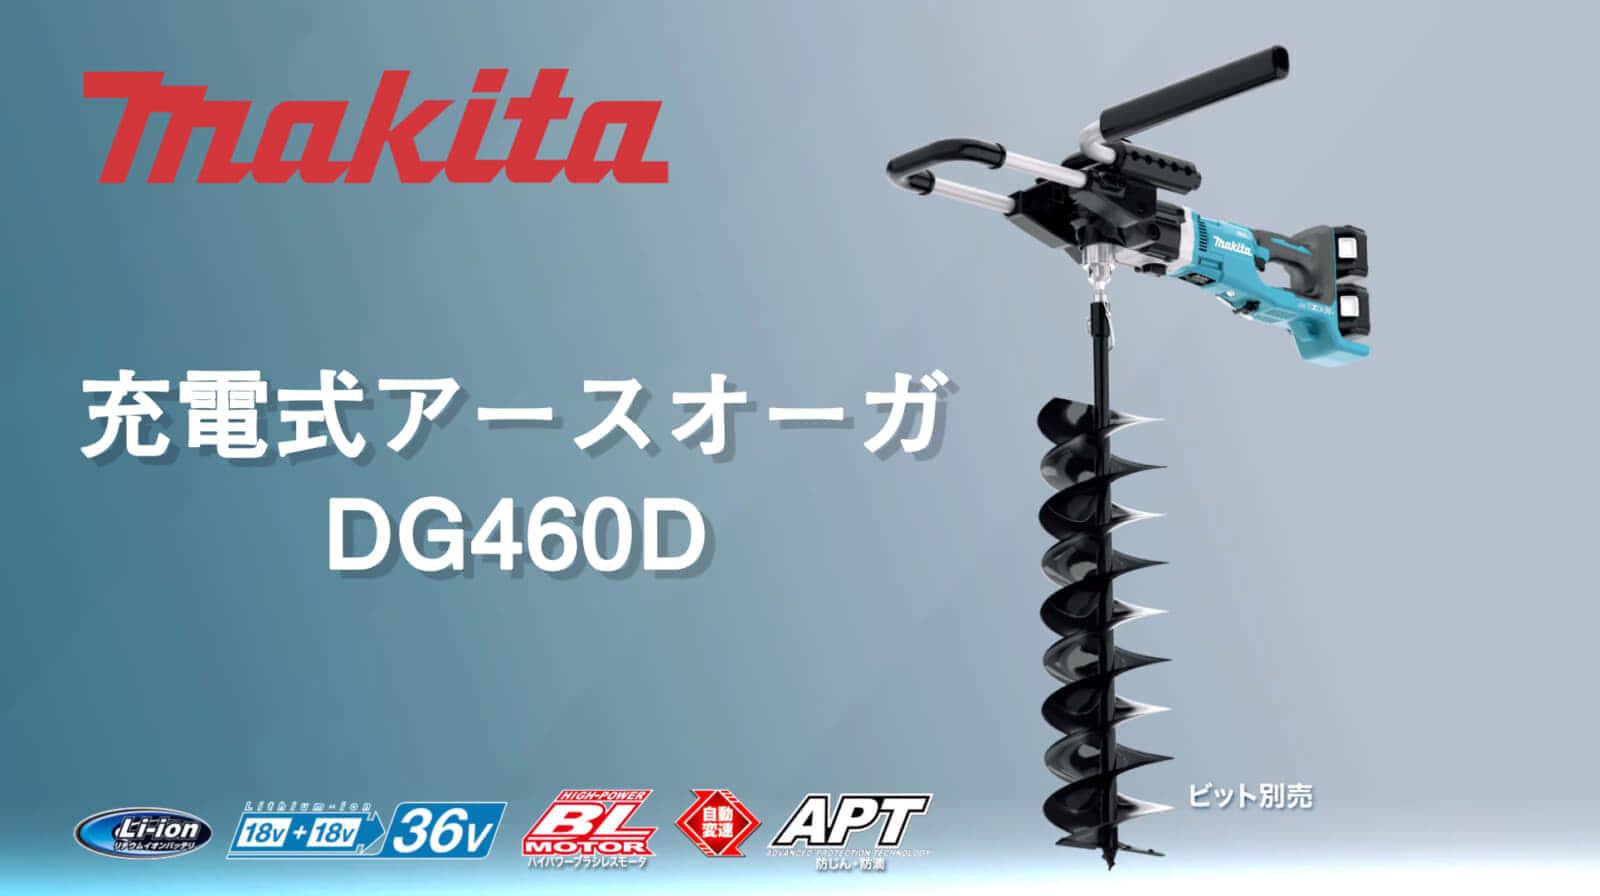 マキタ DG460DZ 18V×2充電式アースオーガ、穴掘り専用工具が登場